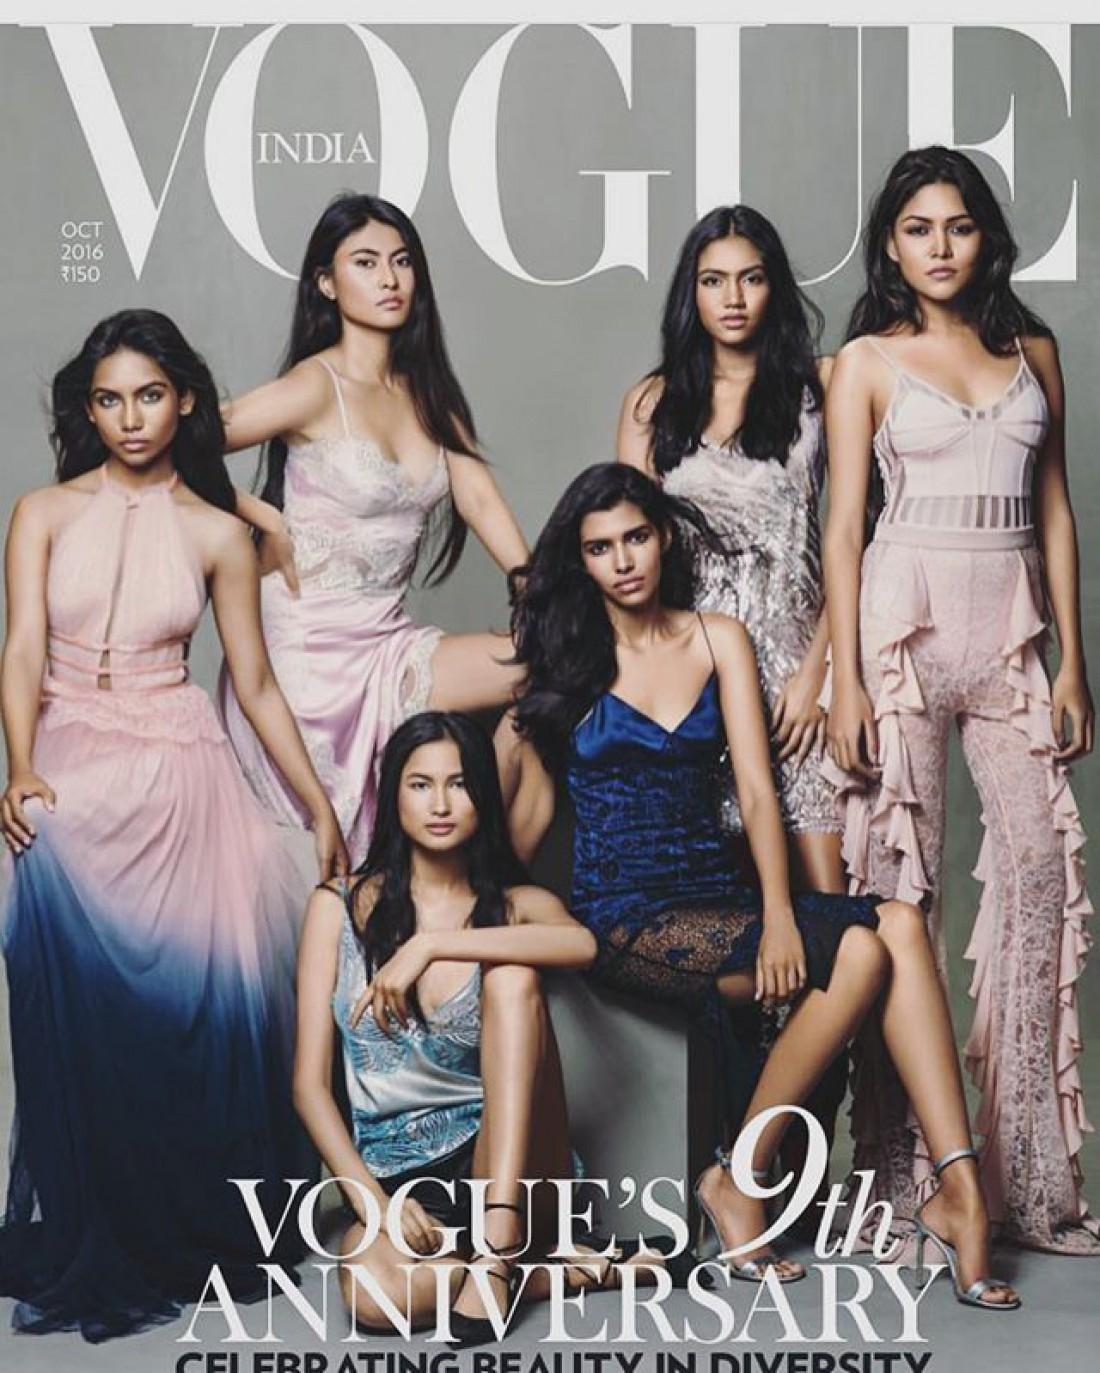 Обложка Vogue за октябрь 2016 год. Рауда запечатлена первой слева